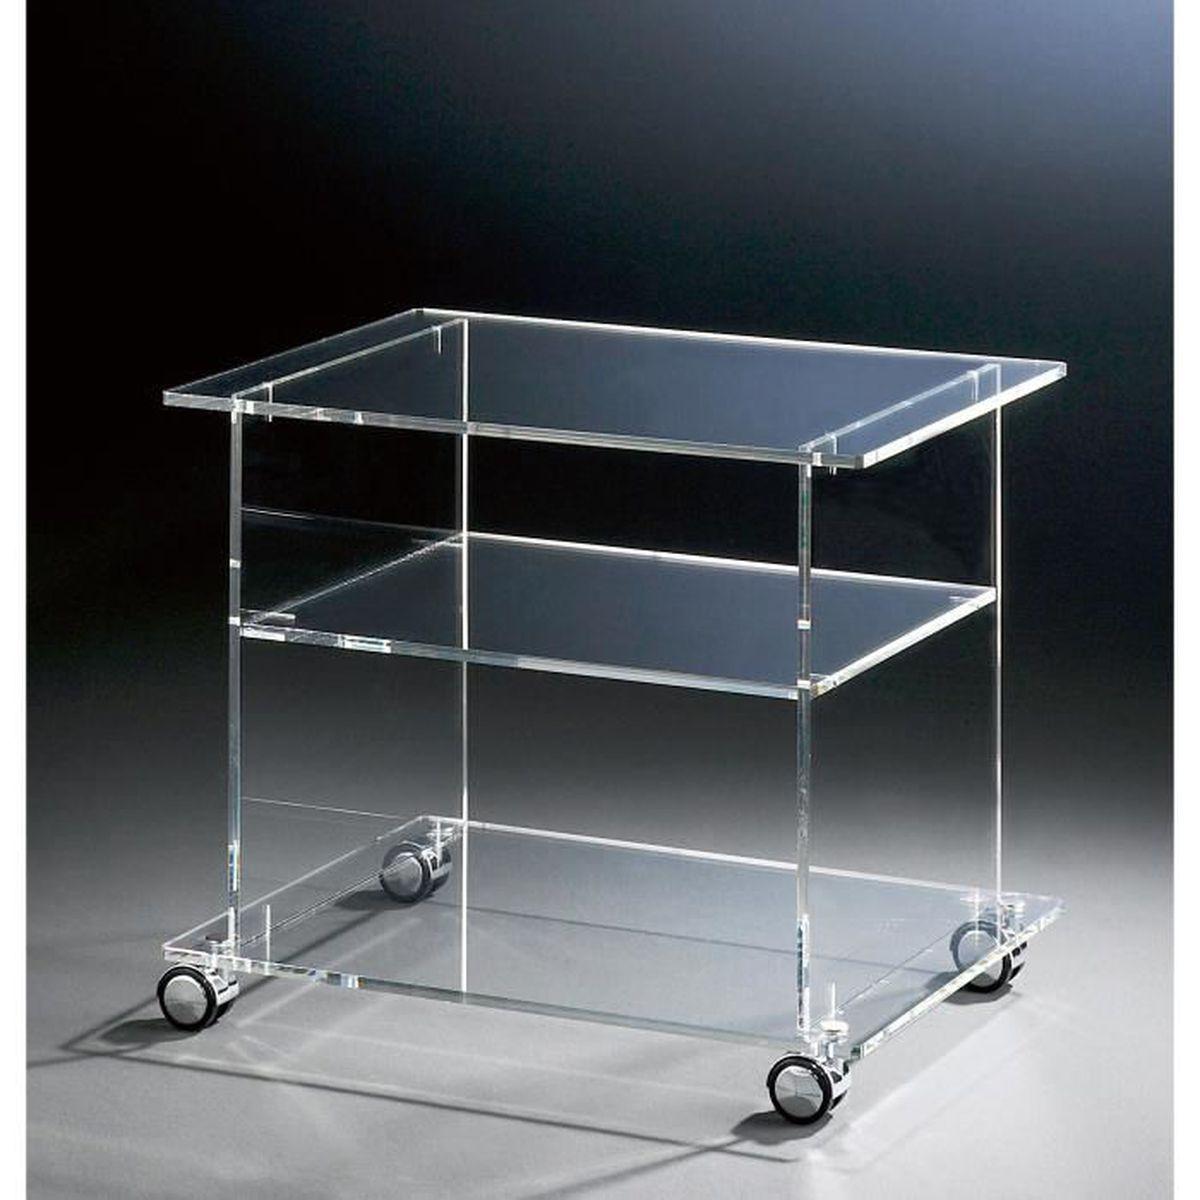 meuble tv mobile en acrylique haute qualit 4 roulettes chromique transparent 60 x 45 cm h. Black Bedroom Furniture Sets. Home Design Ideas